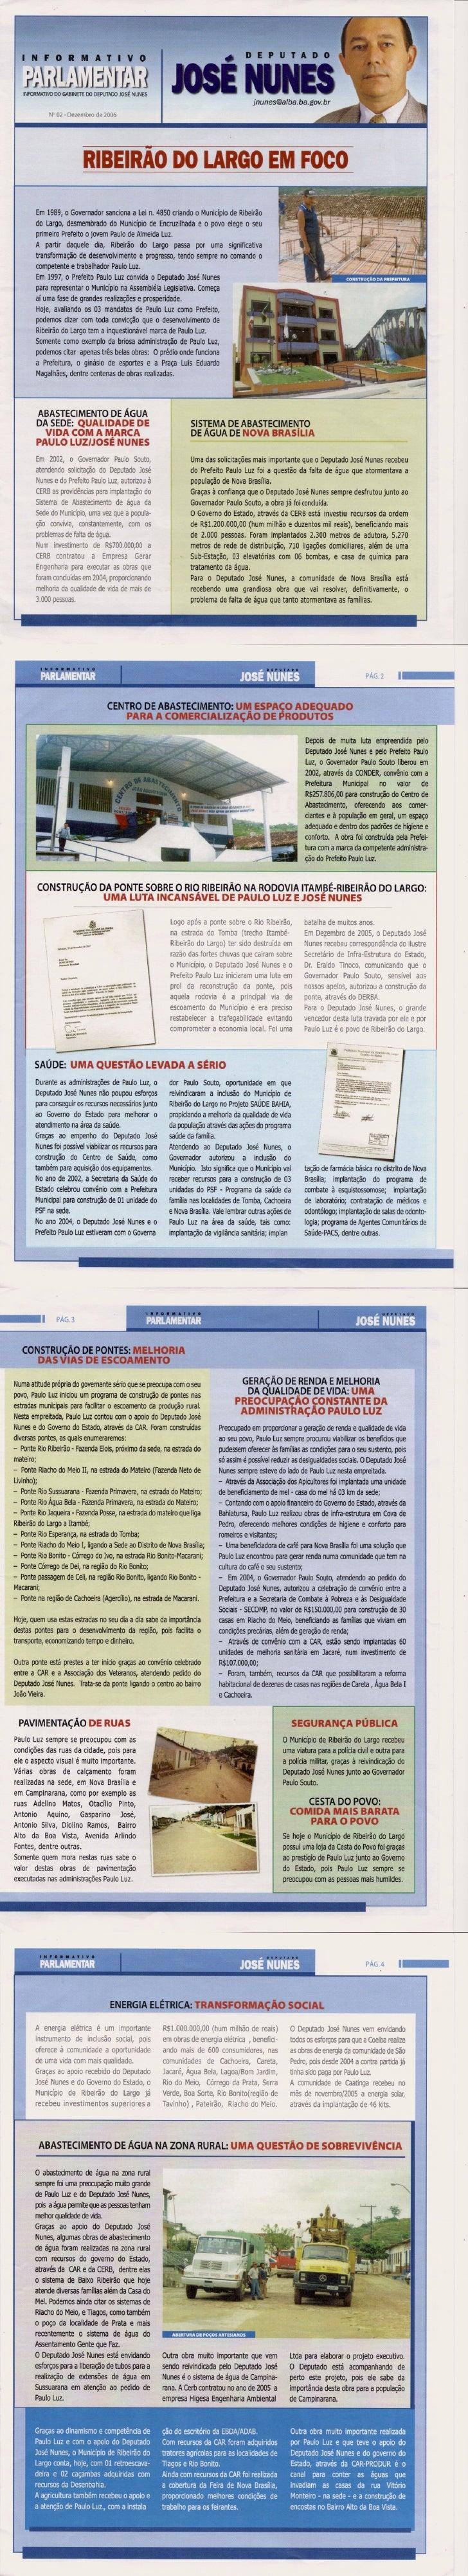 Boletim Informativo das obras do município de Ribeirão do Largo